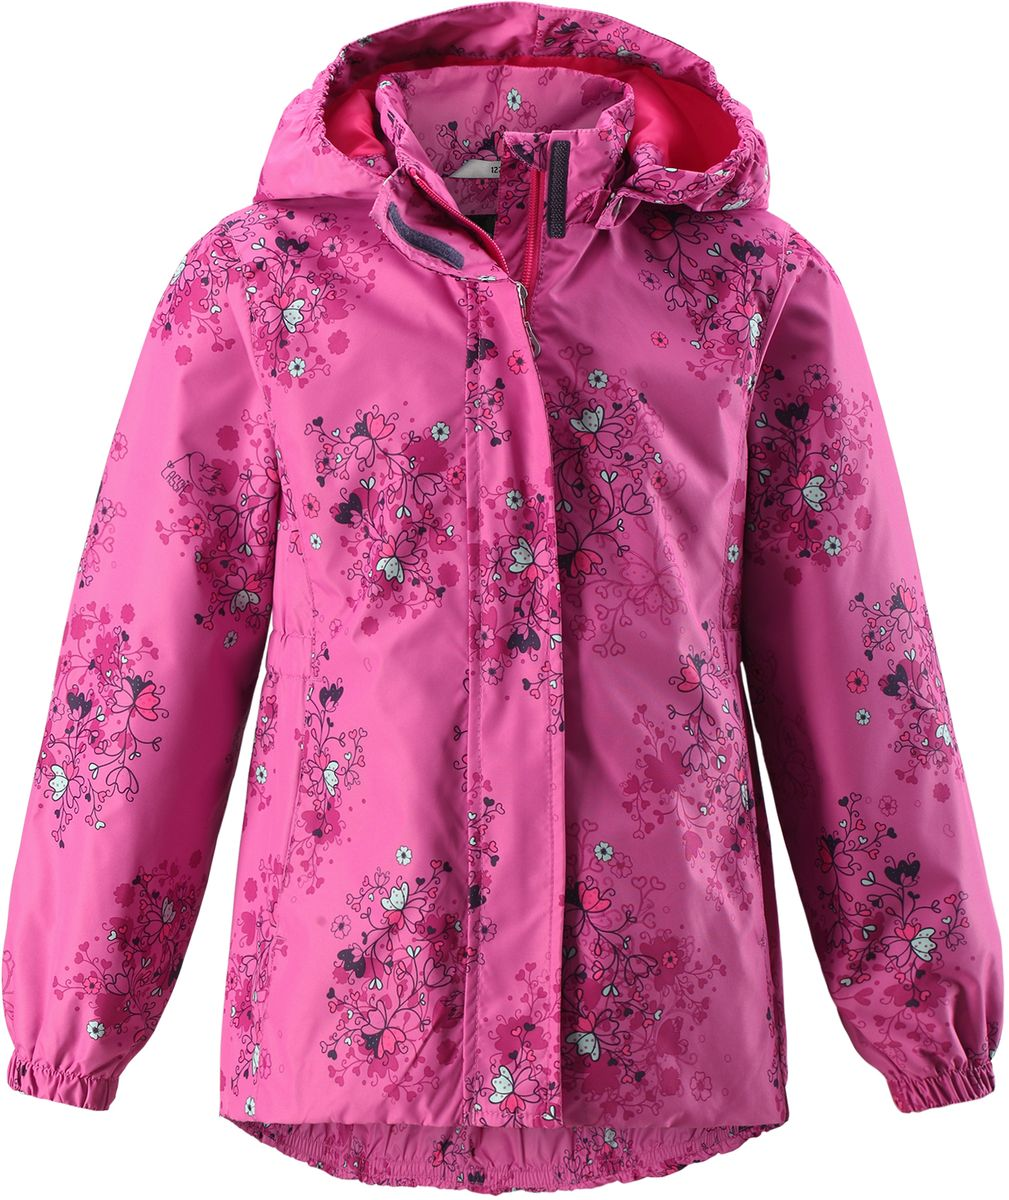 Куртка для девочки Lassie, цвет: фуксия. 721704R4861. Размер 104721704R4861Стильная демисезонная куртка для девочек изготовлена из водоотталкивающего, ветронепроницаемого и дышащего материала. Гладкая и приятная на ощупь подкладка из полиэстера на легком утеплителе согревает и облегчает процесс одевания. Удлиненная модель для девочек с эластичной талией, подолом и манжетами. Практичные детали просто незаменимы: безопасный съемный капюшон, карманы, вшитые в боковые швы, и светоотражающая эмблема сзади.